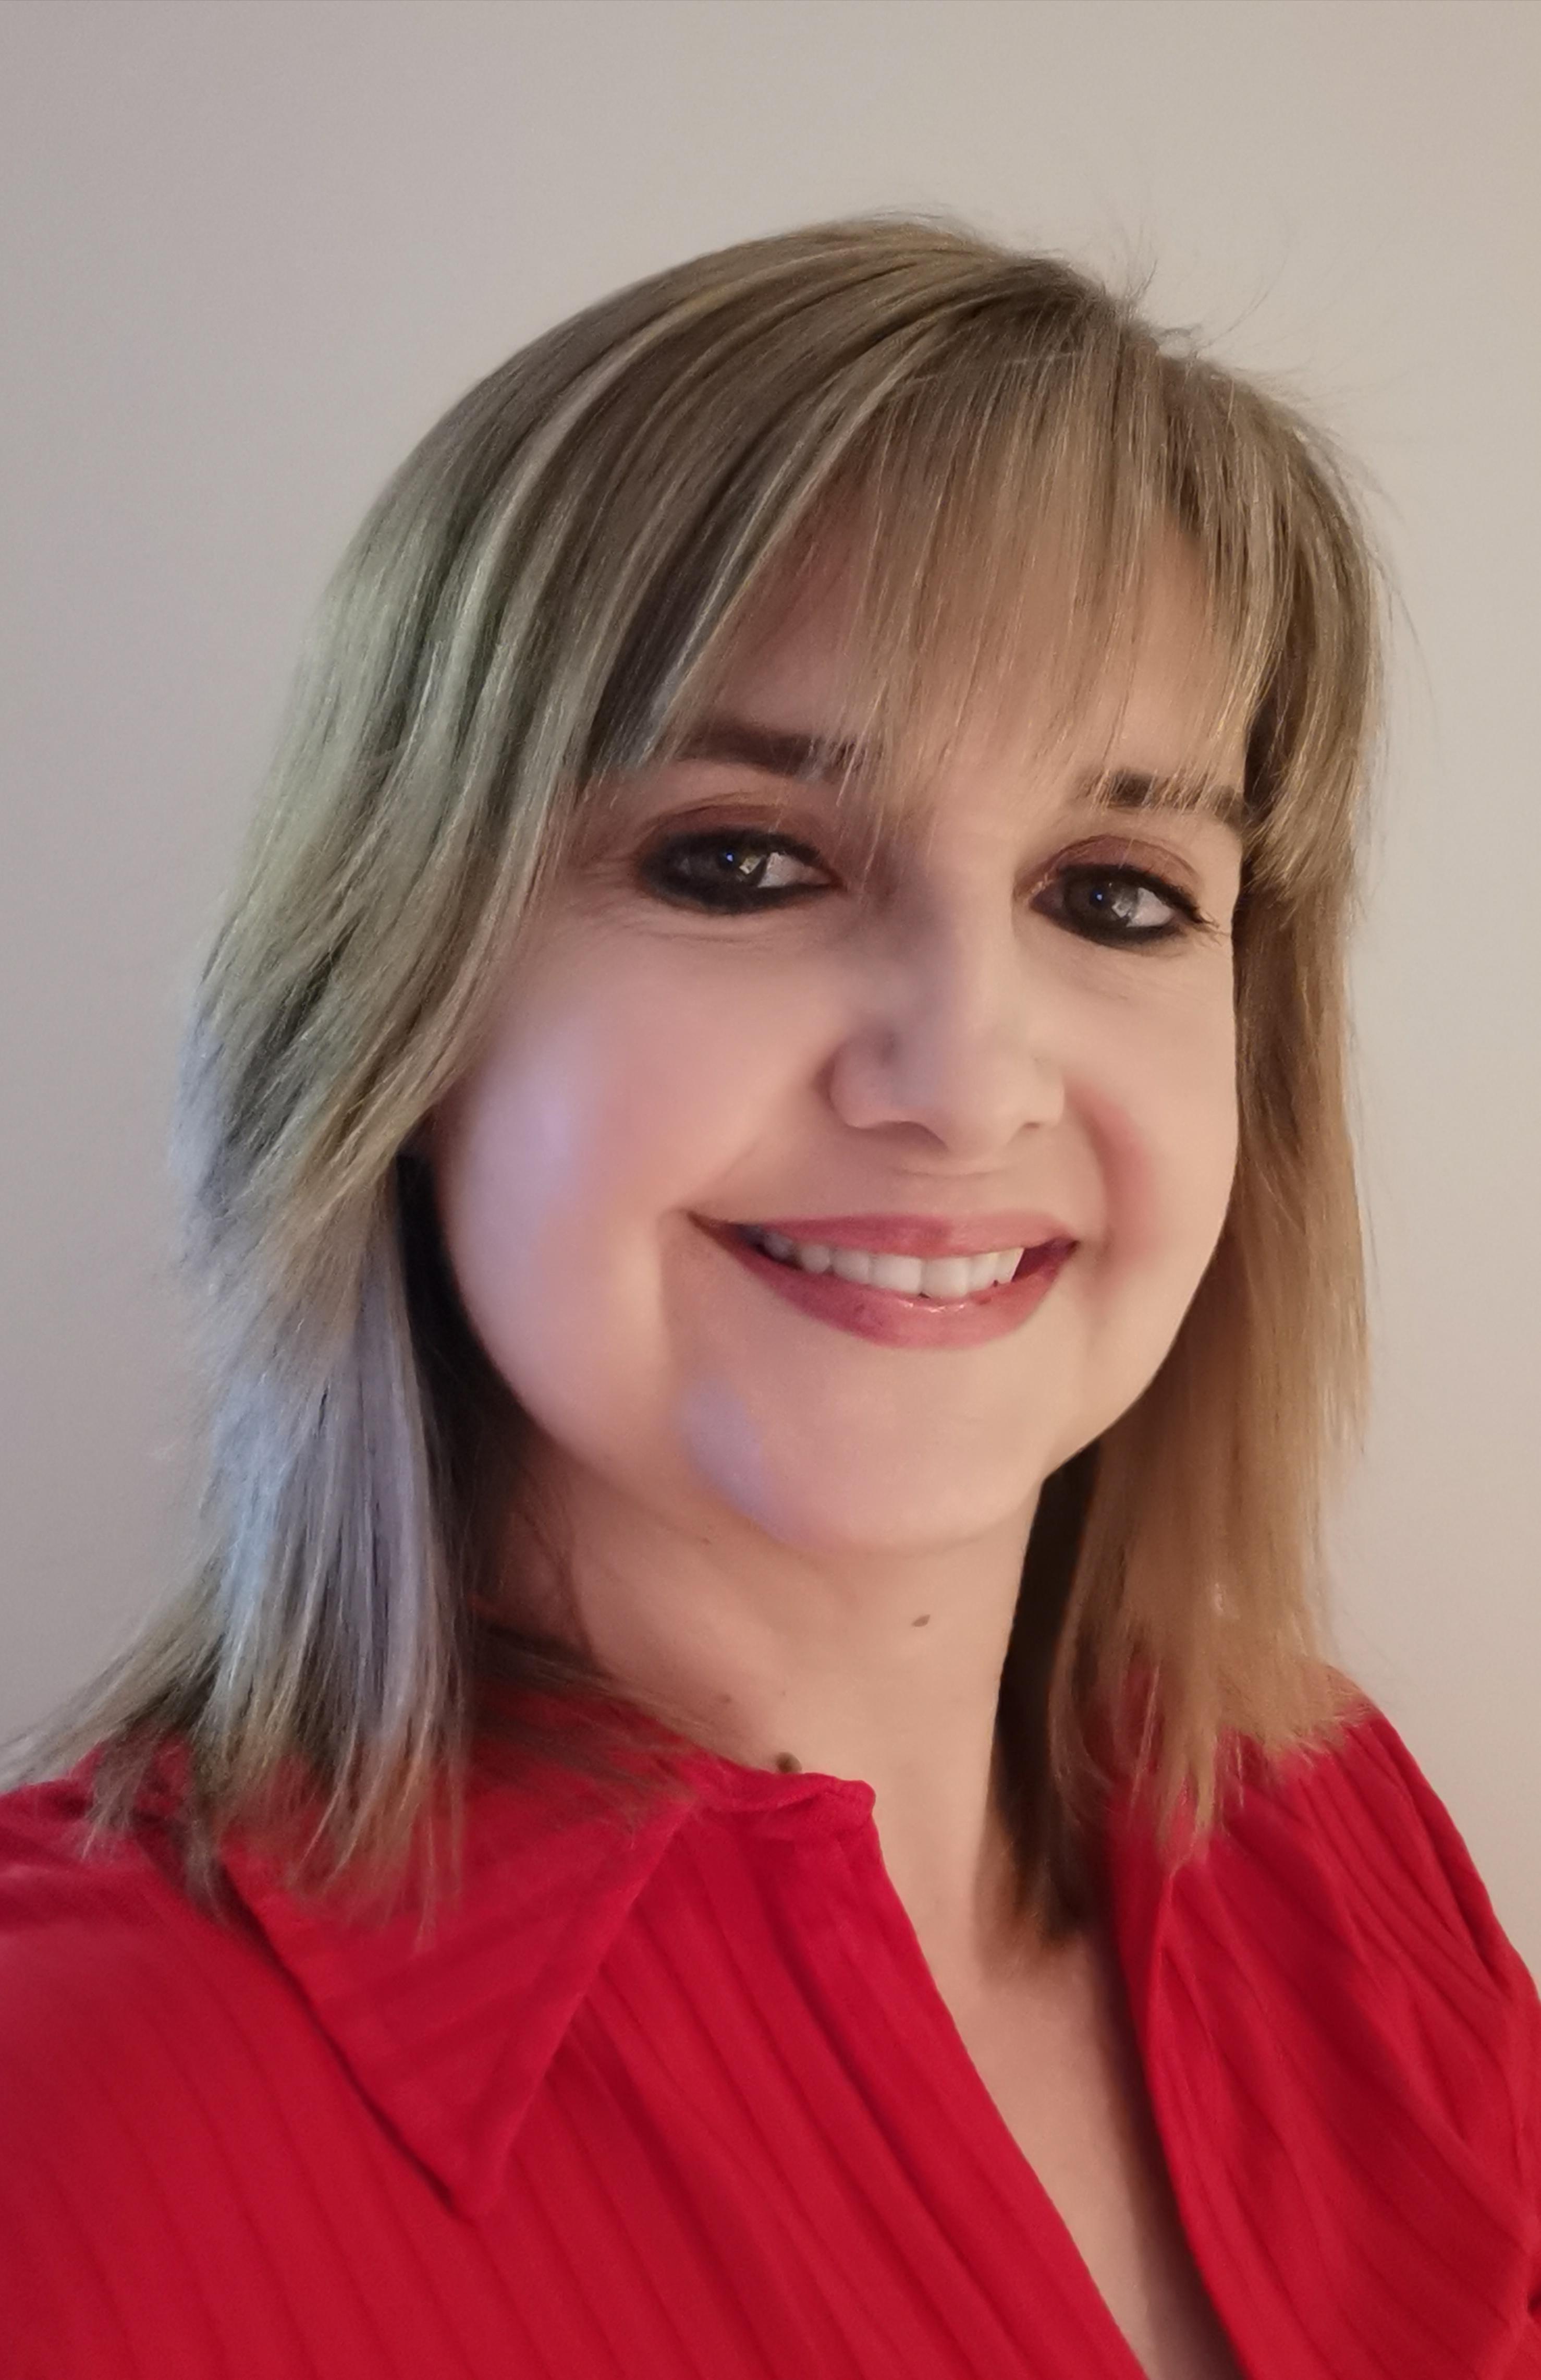 Real Estate Agent - Lucinda van Kan